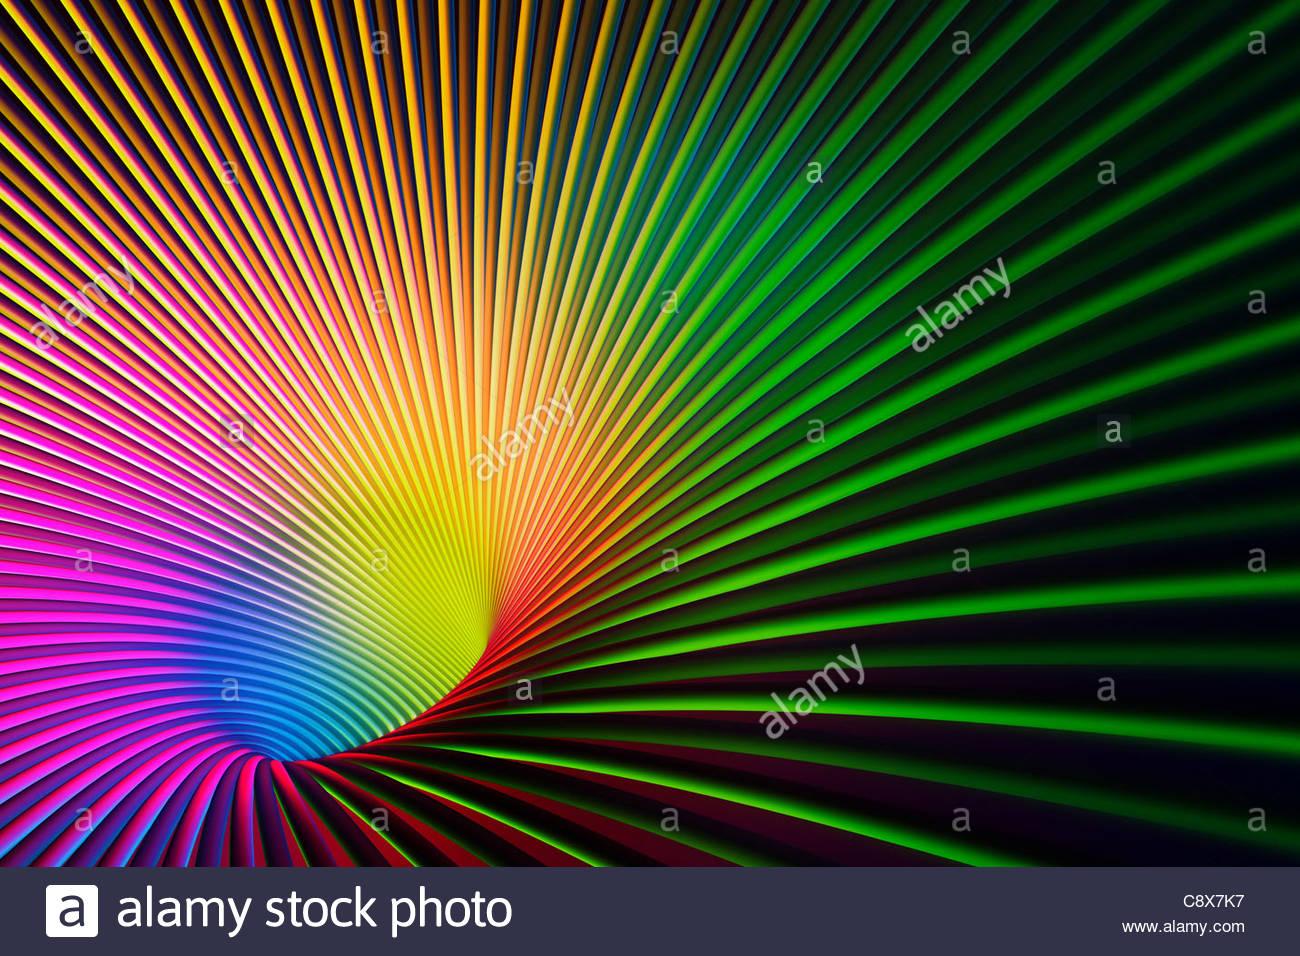 Lignes abstraites s'évanouissant dans le trou lumineux Photo Stock